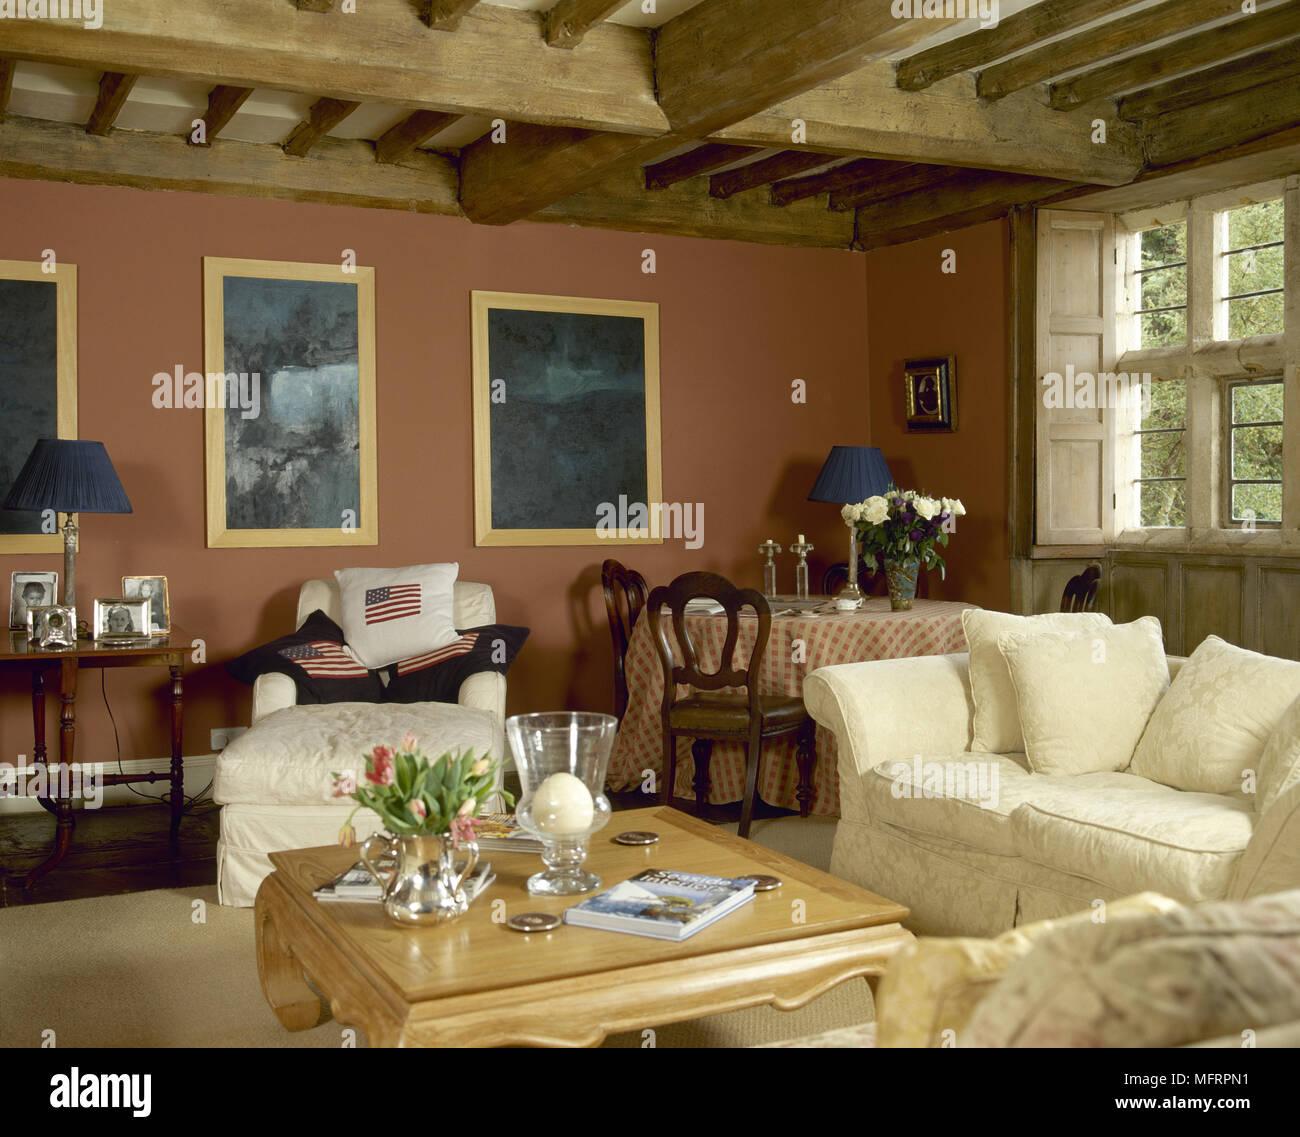 Land Wohnzimmer mit Holzbalkendecke, komfortabler Sitzbereich ...